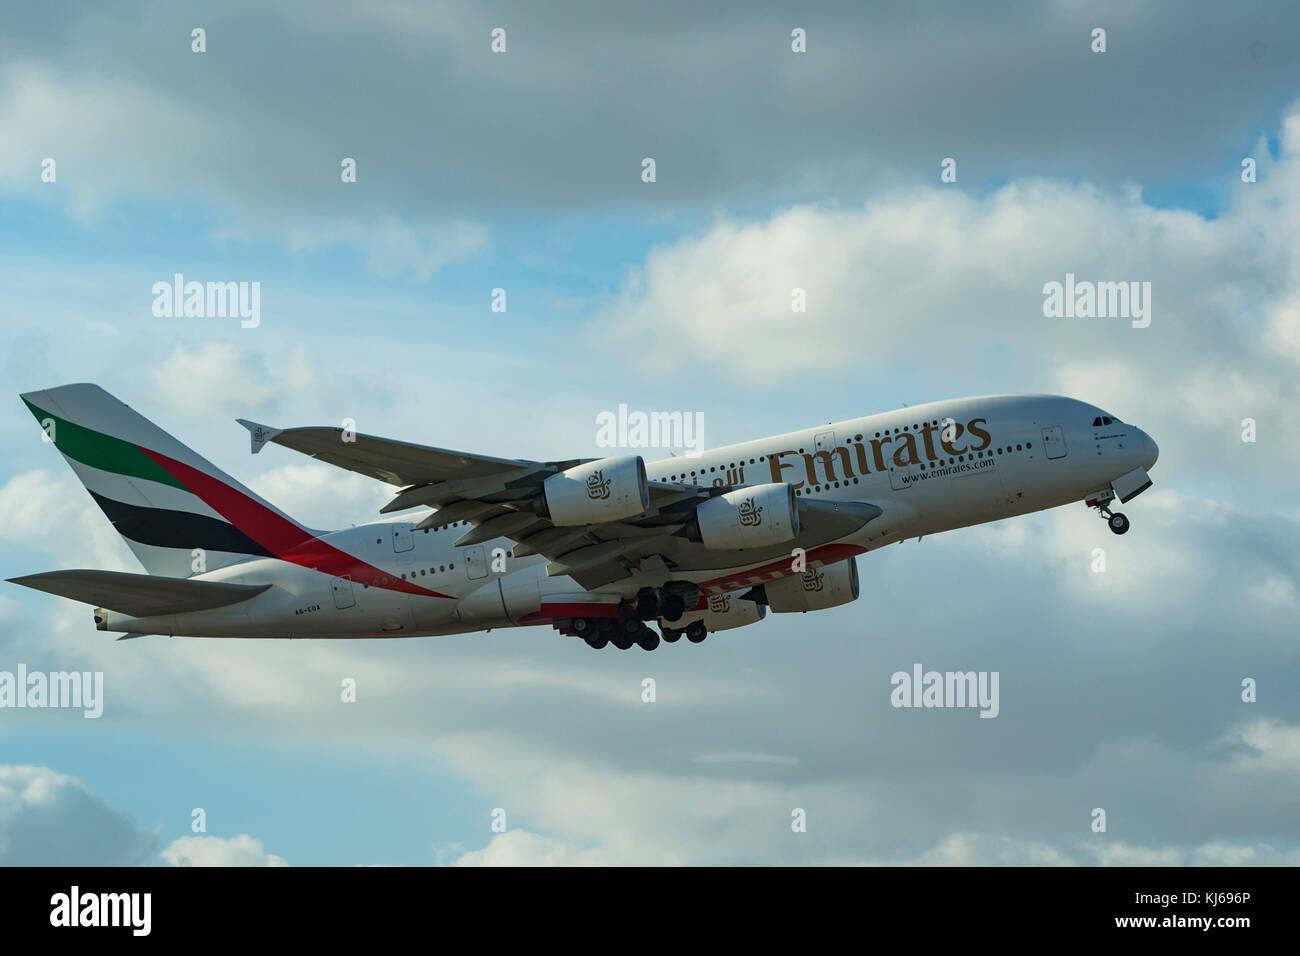 DUBAI, UAE - DECEMBER, 2016: Airbus A380 - Stock Image